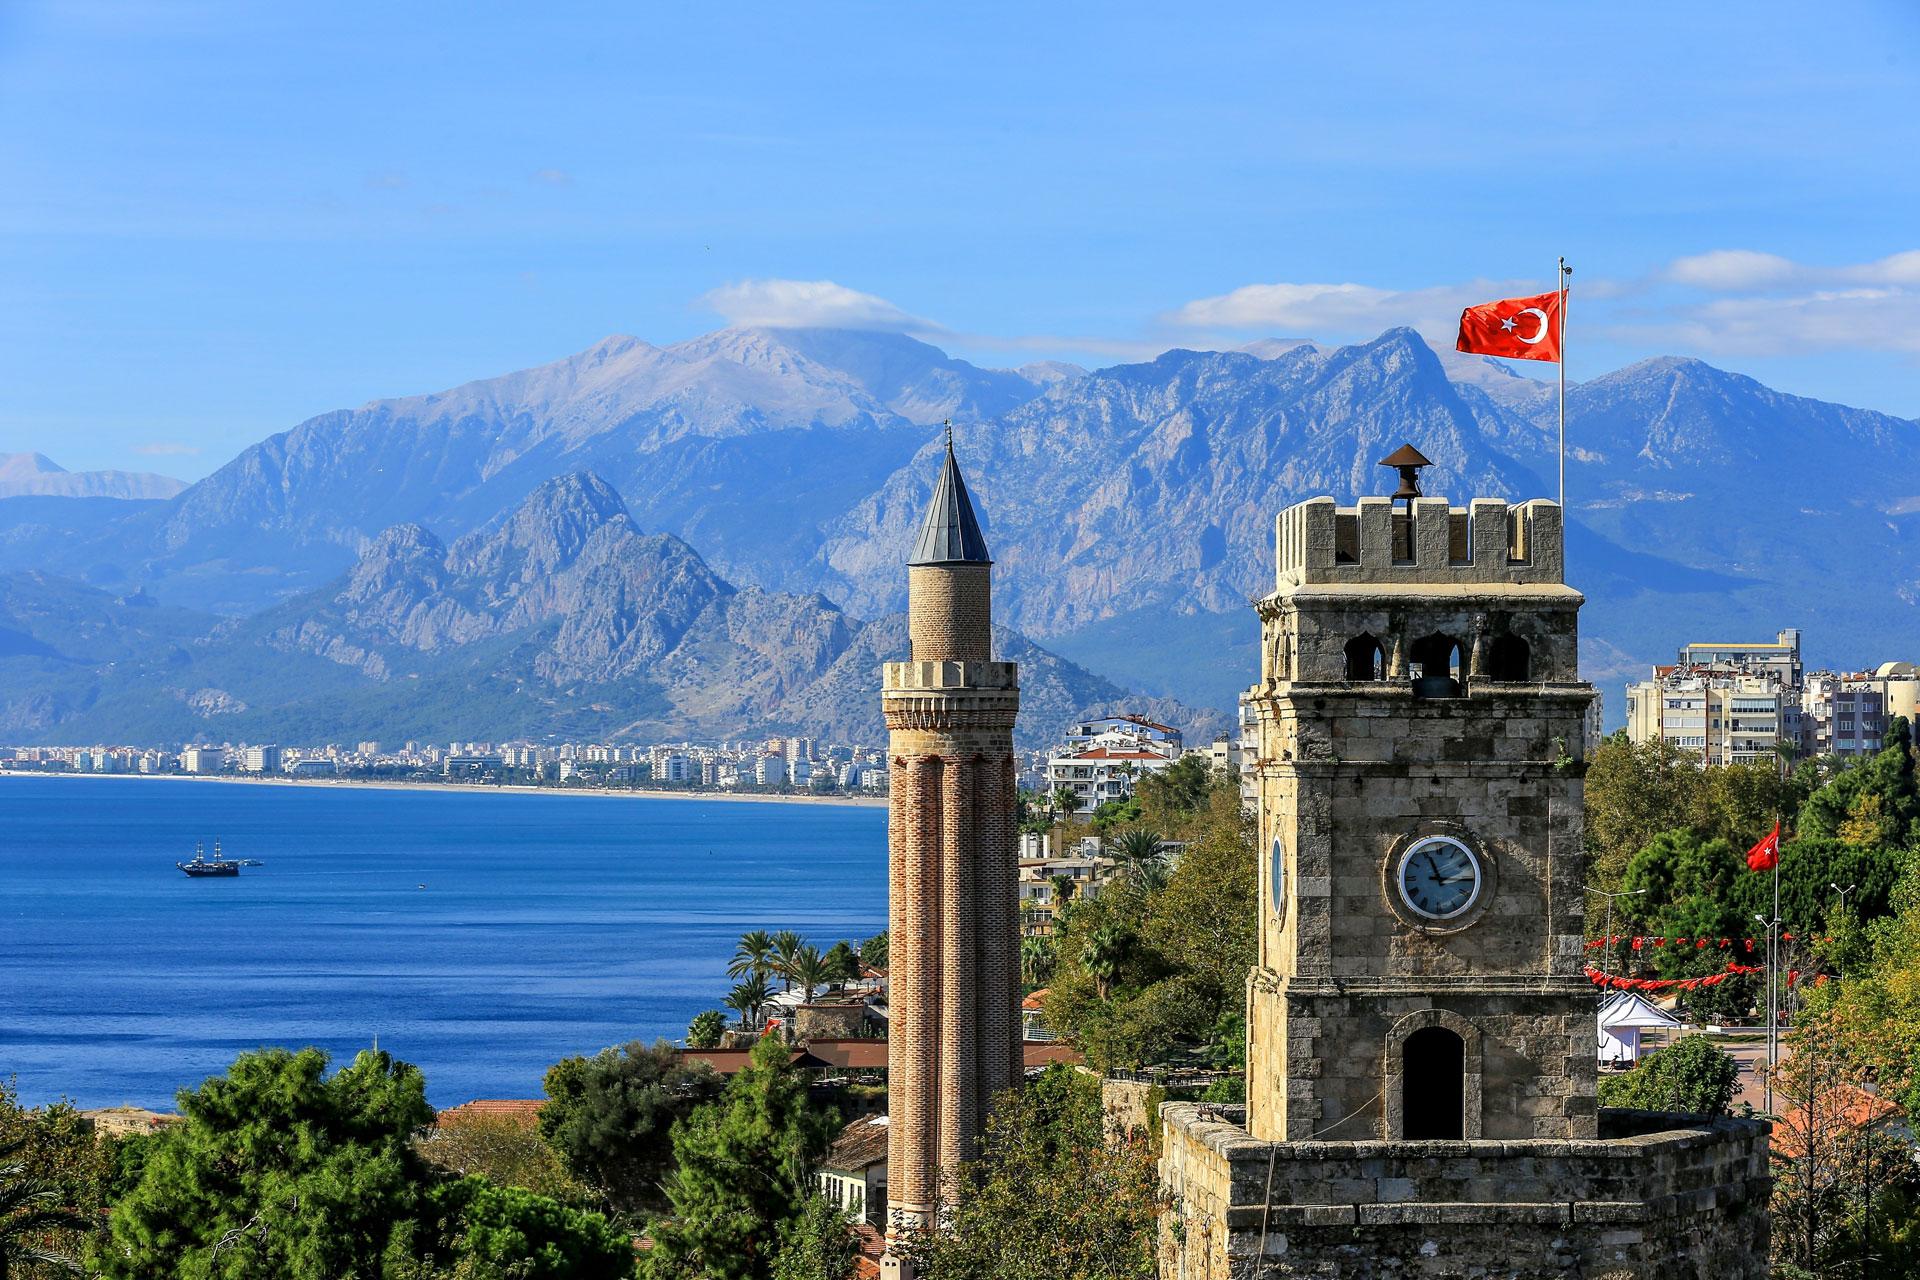 Vekselkursen mellem den danske kroner og den tyrkiske lira har på tre år gjort, at danske turister på papiret får 50 procent mere valuta for pengene i Tyrkiet. Arkivfoto.